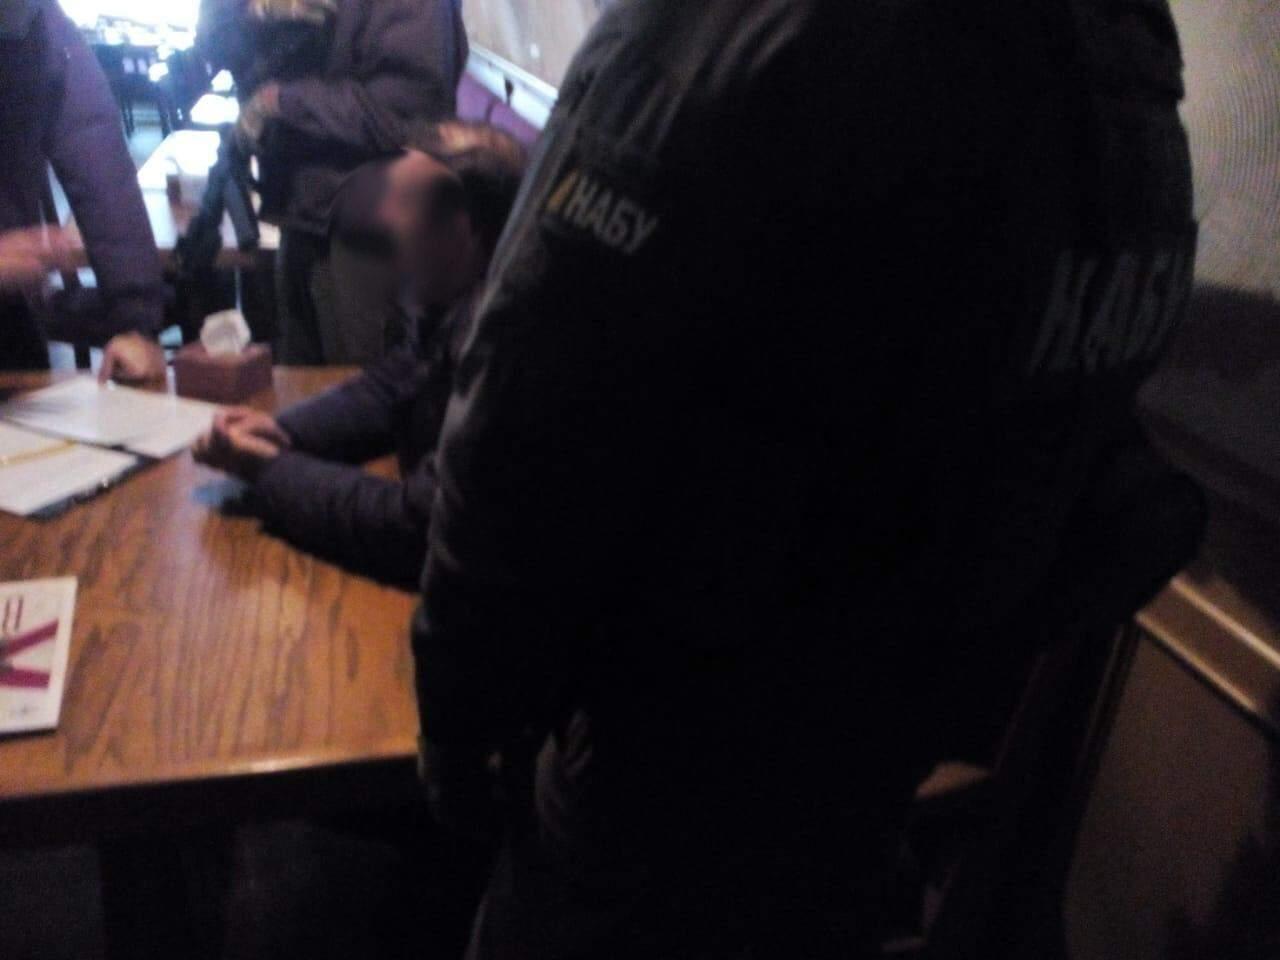 НАБУ арестовали в Николаеве чиновника который пытался купить должность